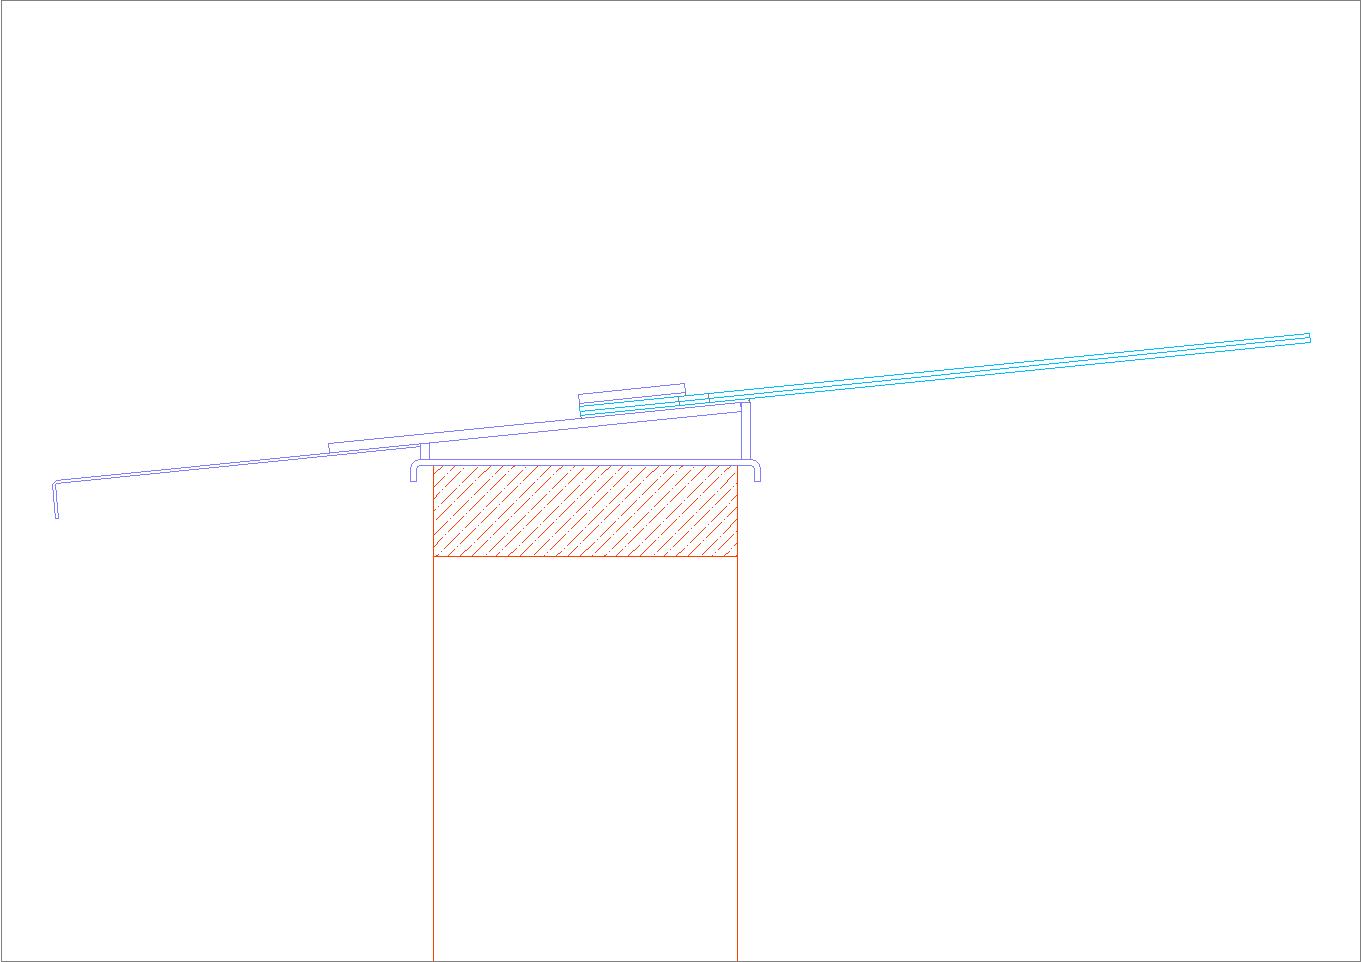 sezione-seconda-pensilina-fedrizzi-2020-model